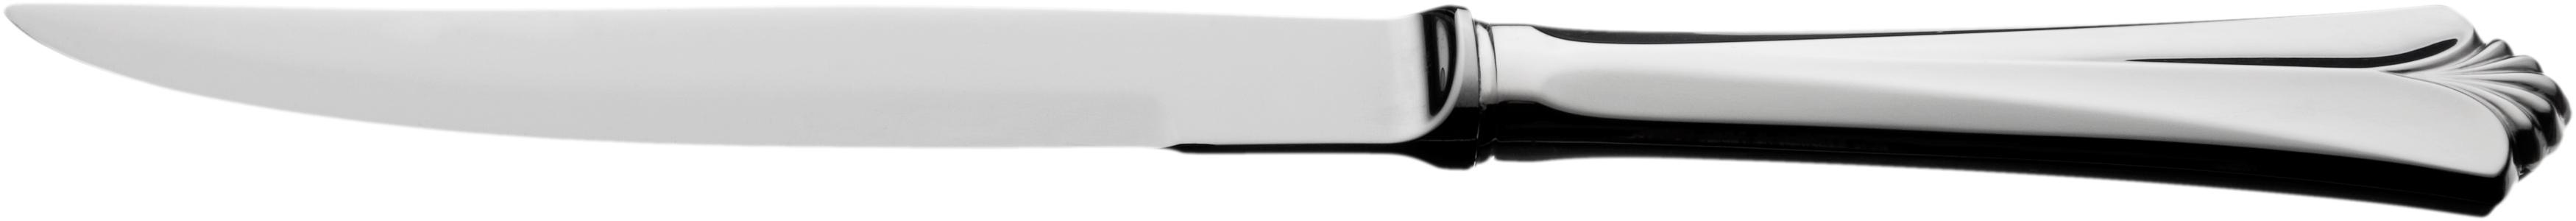 Biffkniv, Rådhus vifte sølvbestikk